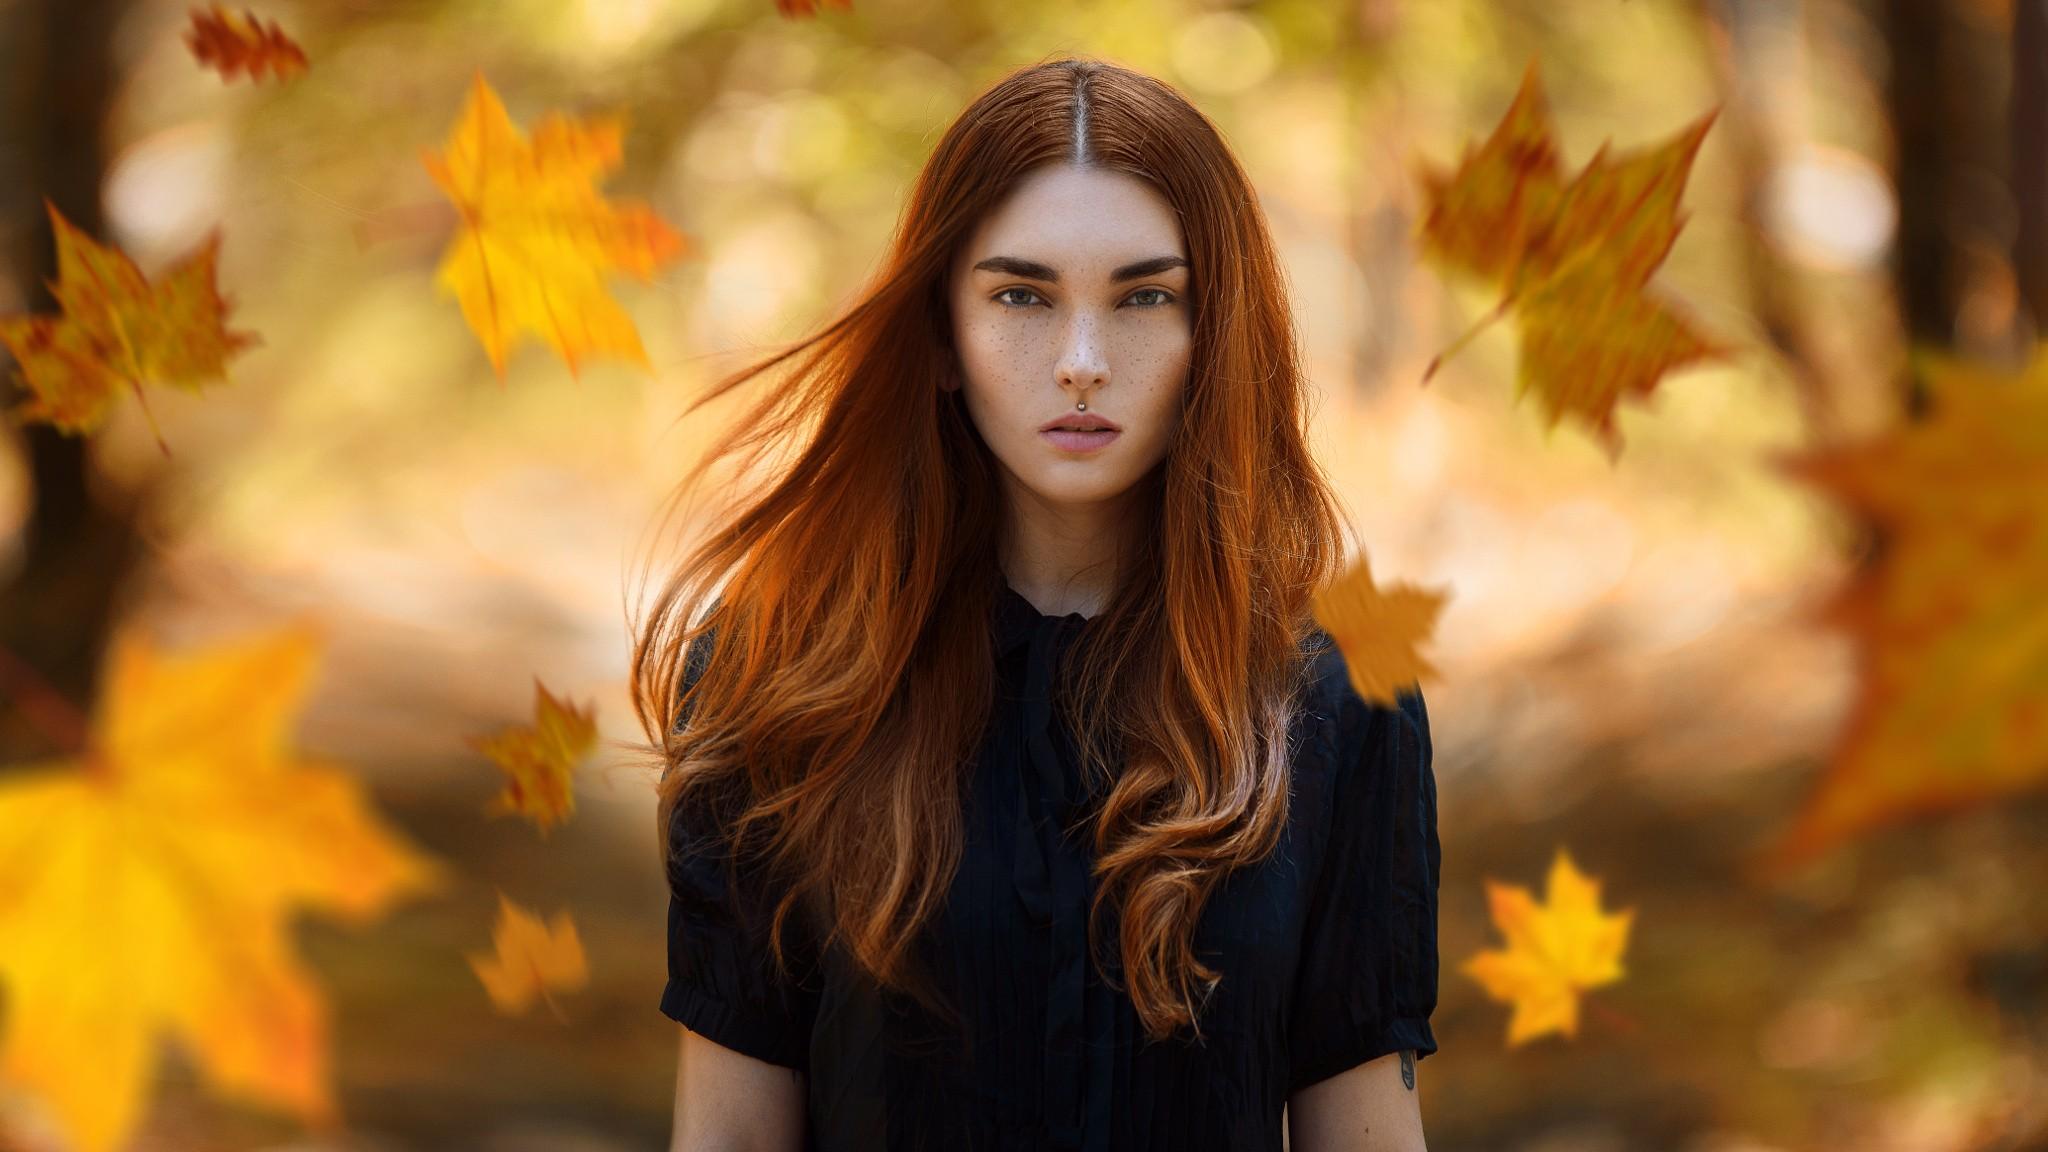 Осень картинки красивые с людьми